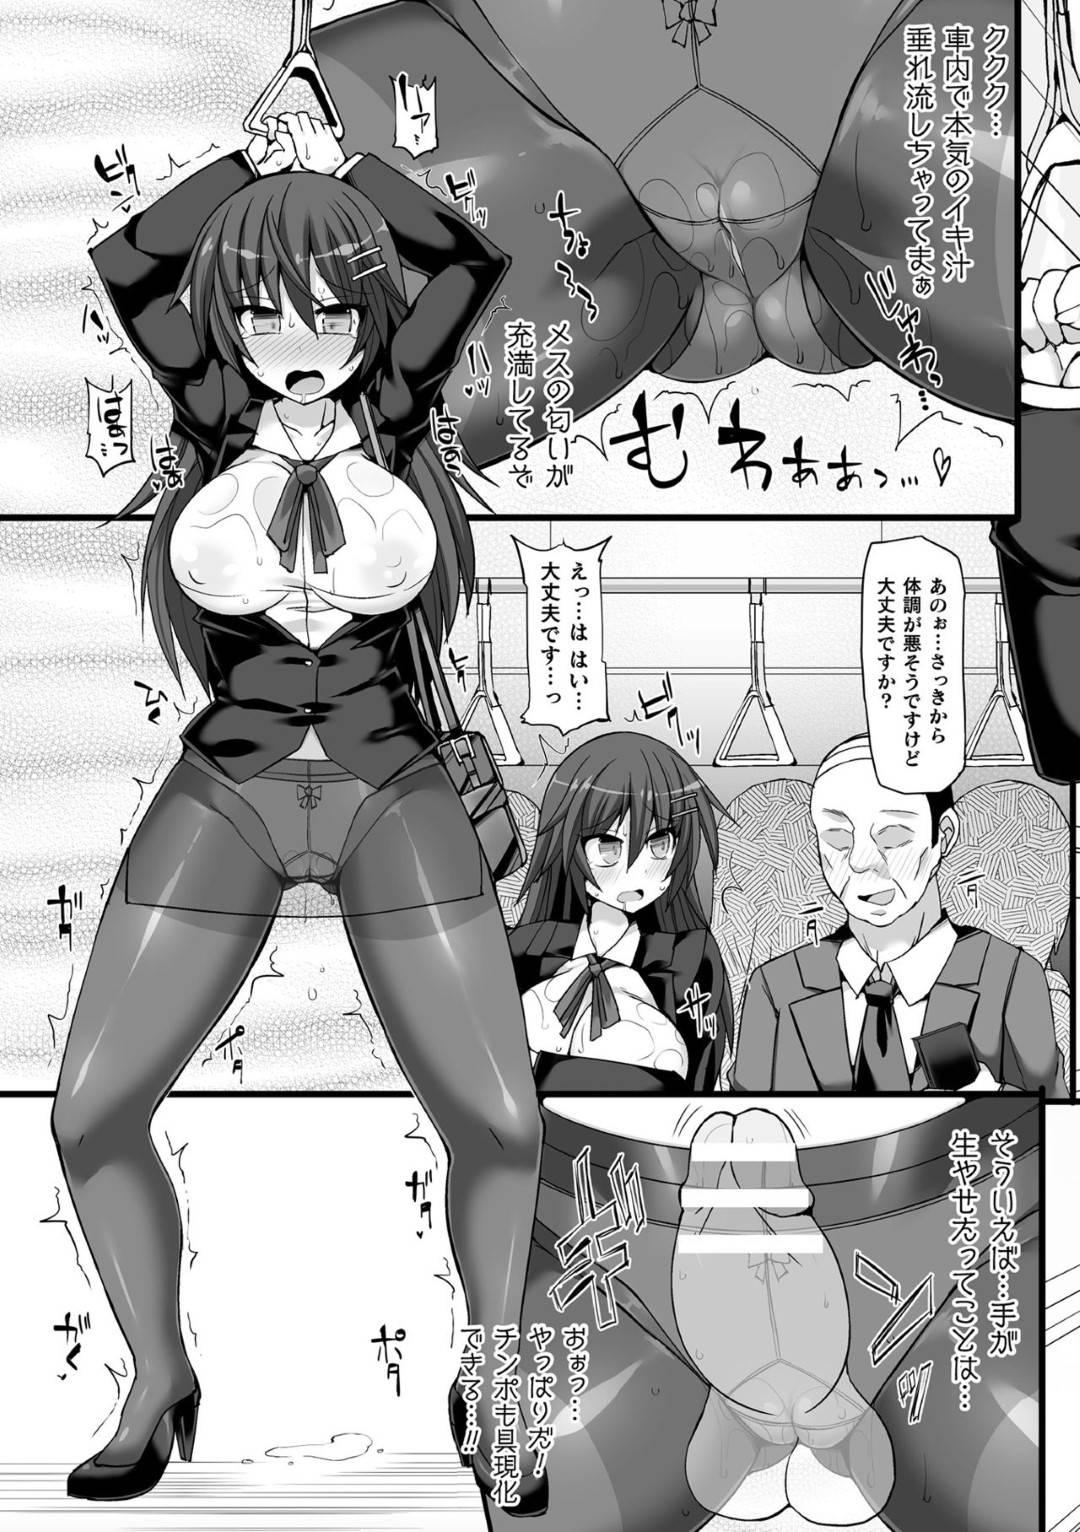 【エロ漫画】ある日、突然JKのパンツに変身してしまった主人公。彼はいつもを鬱憤を晴らすべく、ばれない事を良いことに電車で通学している彼女を痴漢しまくったり、レイプしたりとやりたい放題羞恥プレイ。